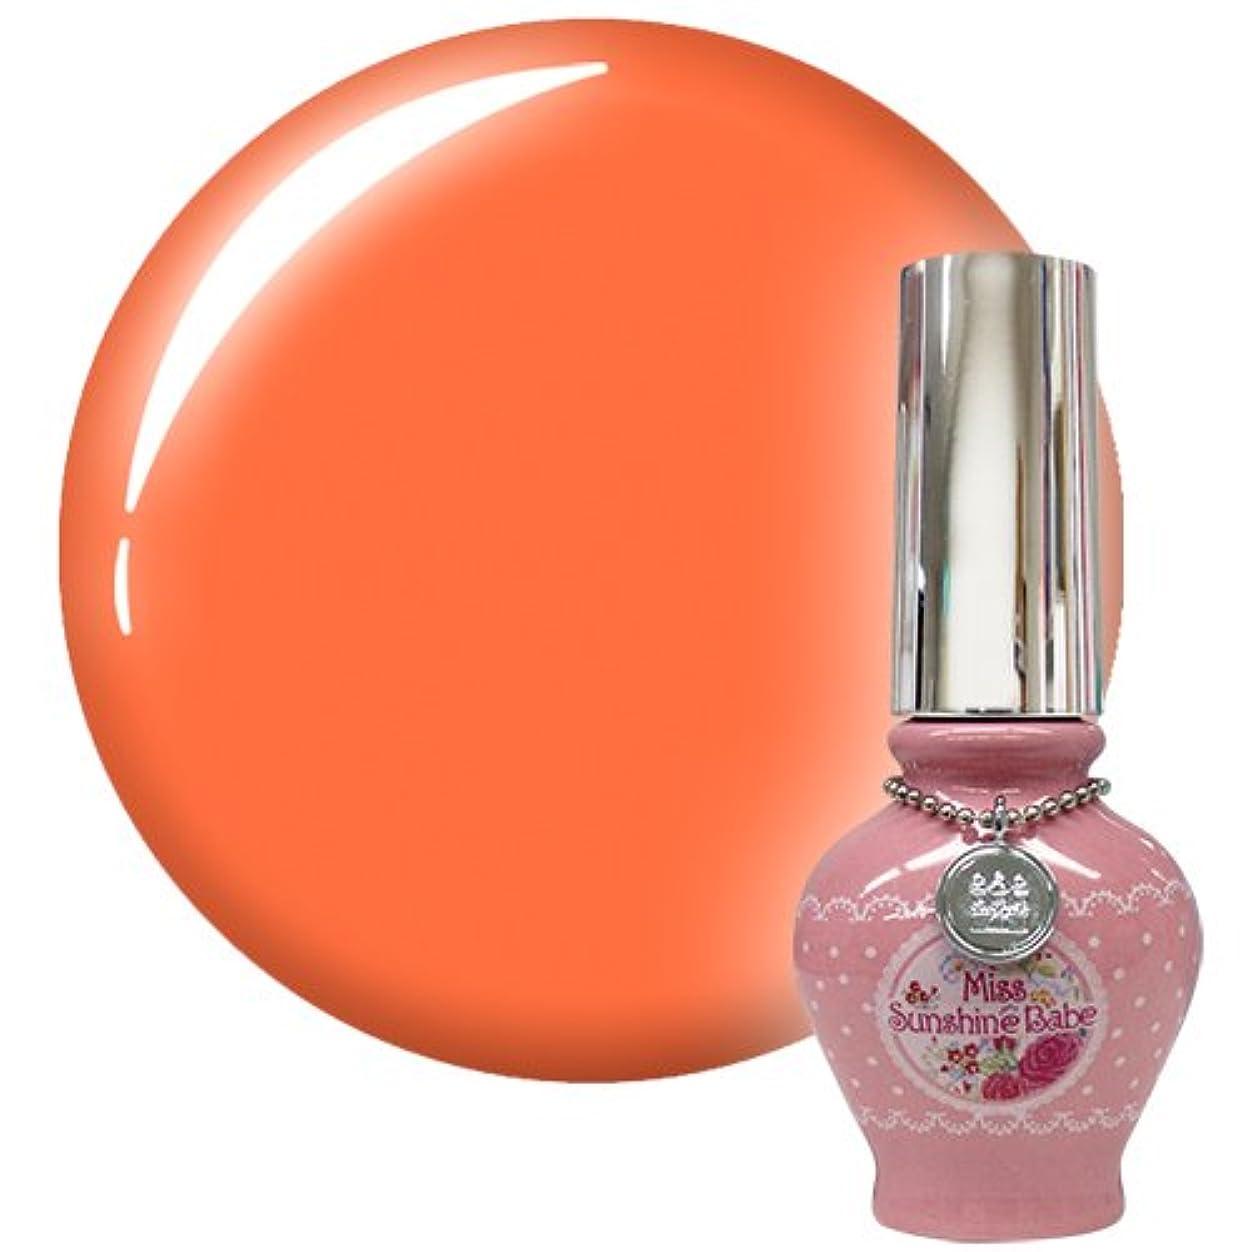 気球うまれた経済的Miss SunshineBabe ミス サンシャインベビー カラージェル MC-33 10g サマーパステルオレンジ